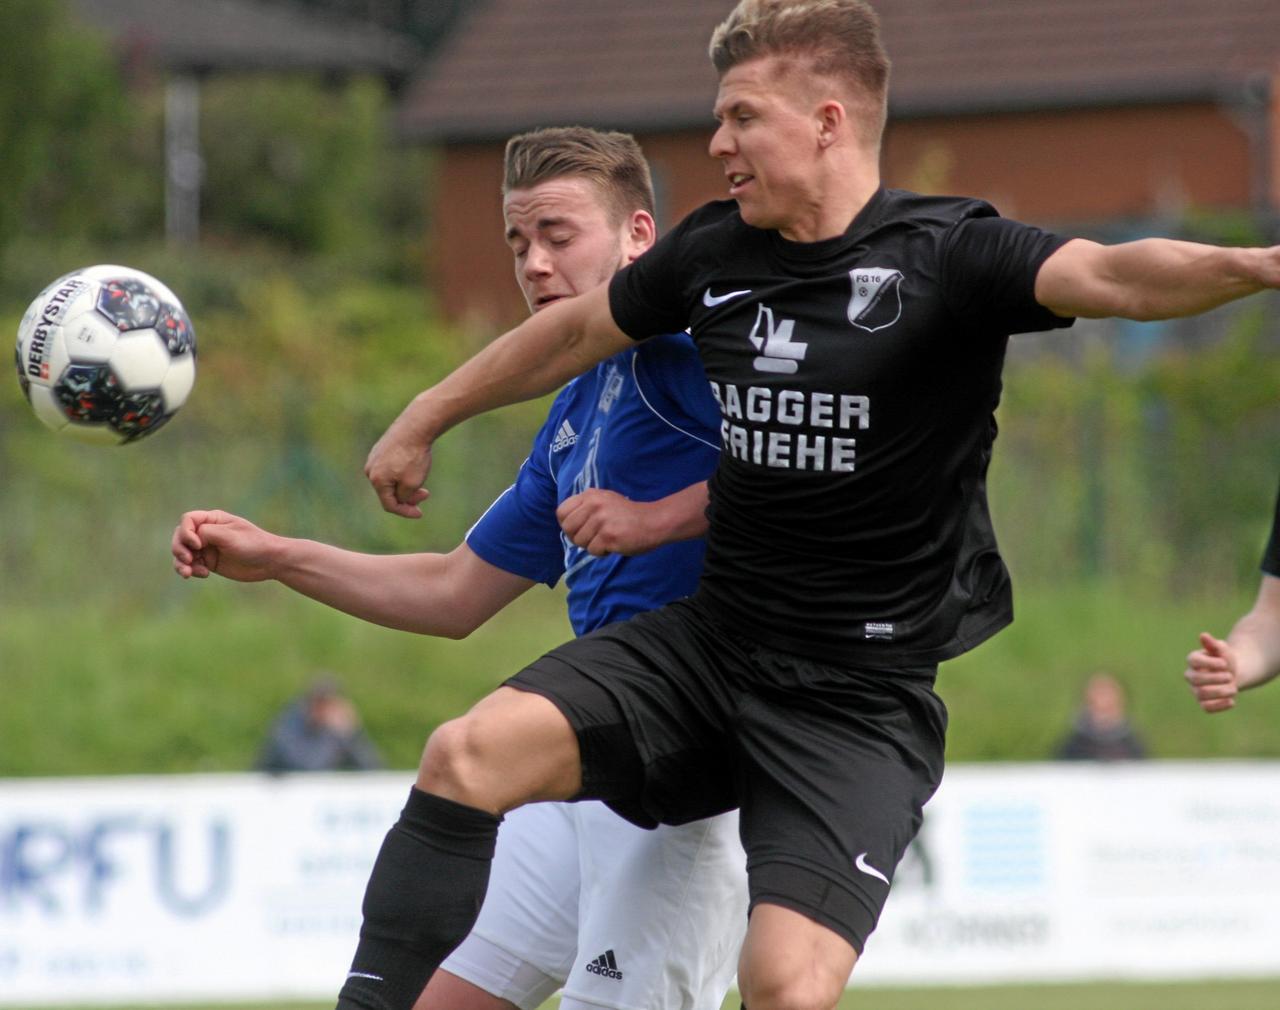 FG Vienenburg steht vor echtem Finale